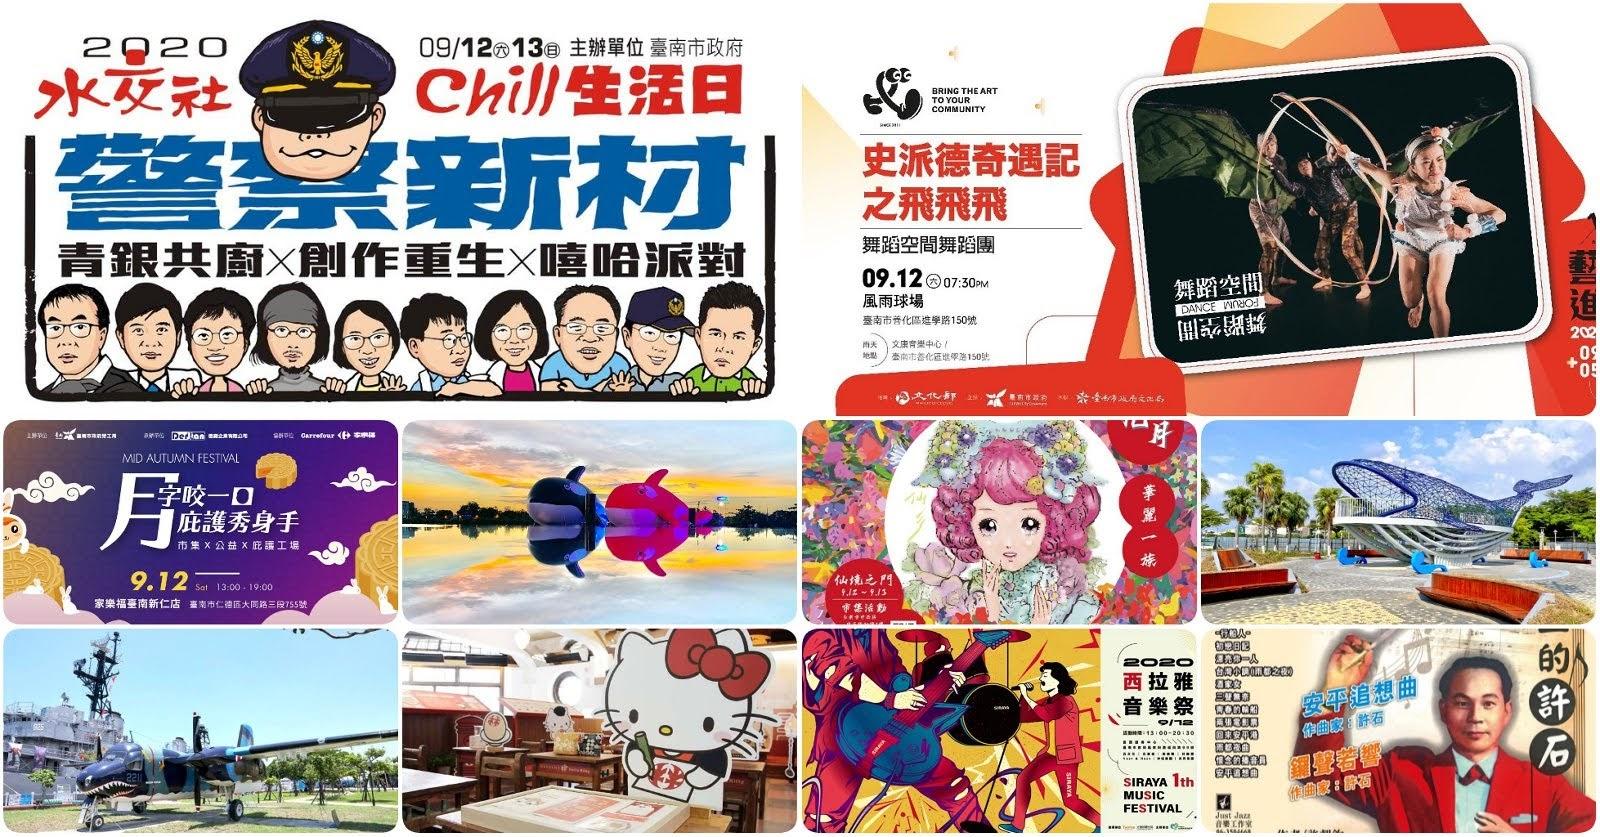 [活動] 2020/9/11-/9/13|台南週末活動整理|本週末資訊數:89